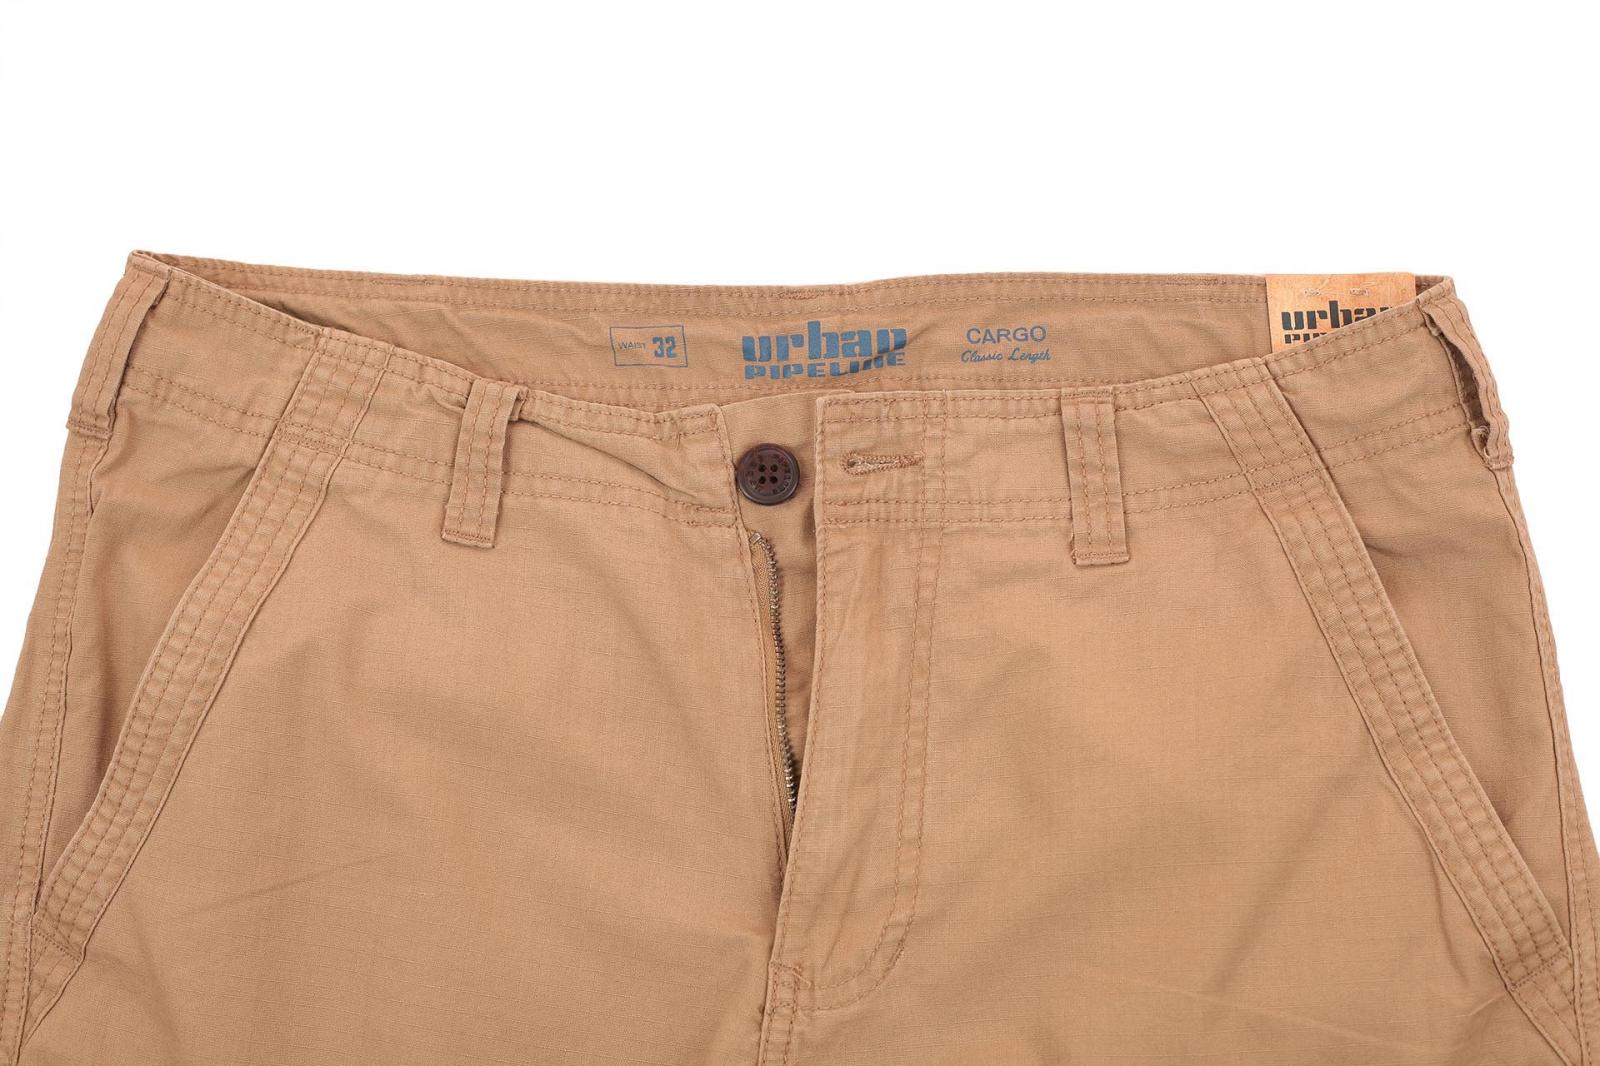 Мужские шорты от Urban для летнего отпуска высокого качества